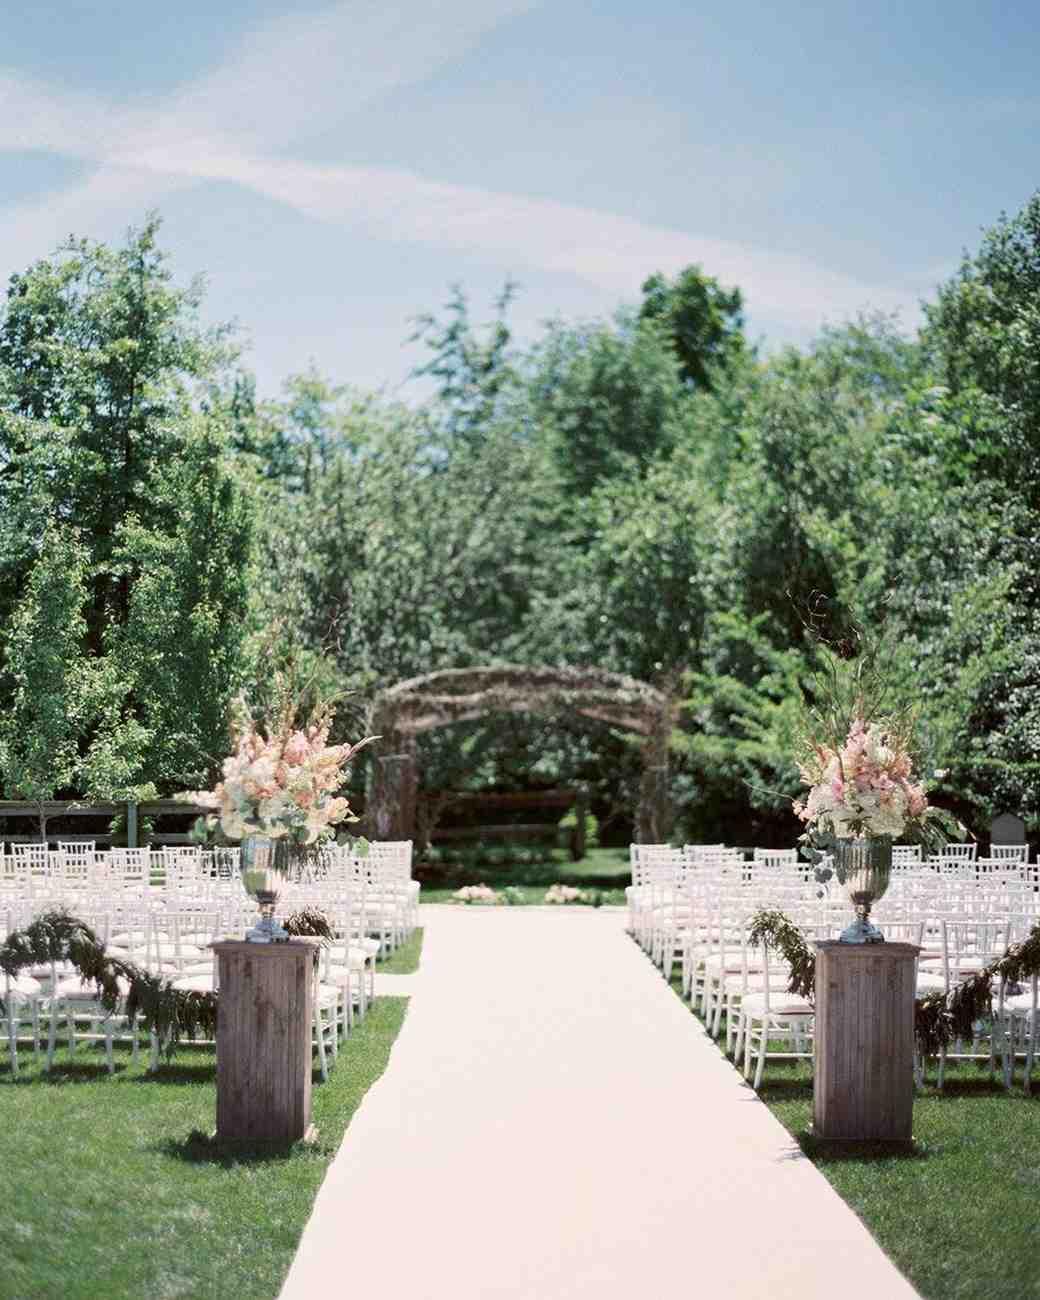 Coeur D Alene Outdoor Wedding Venues: 25 Beautiful Garden Wedding Venues